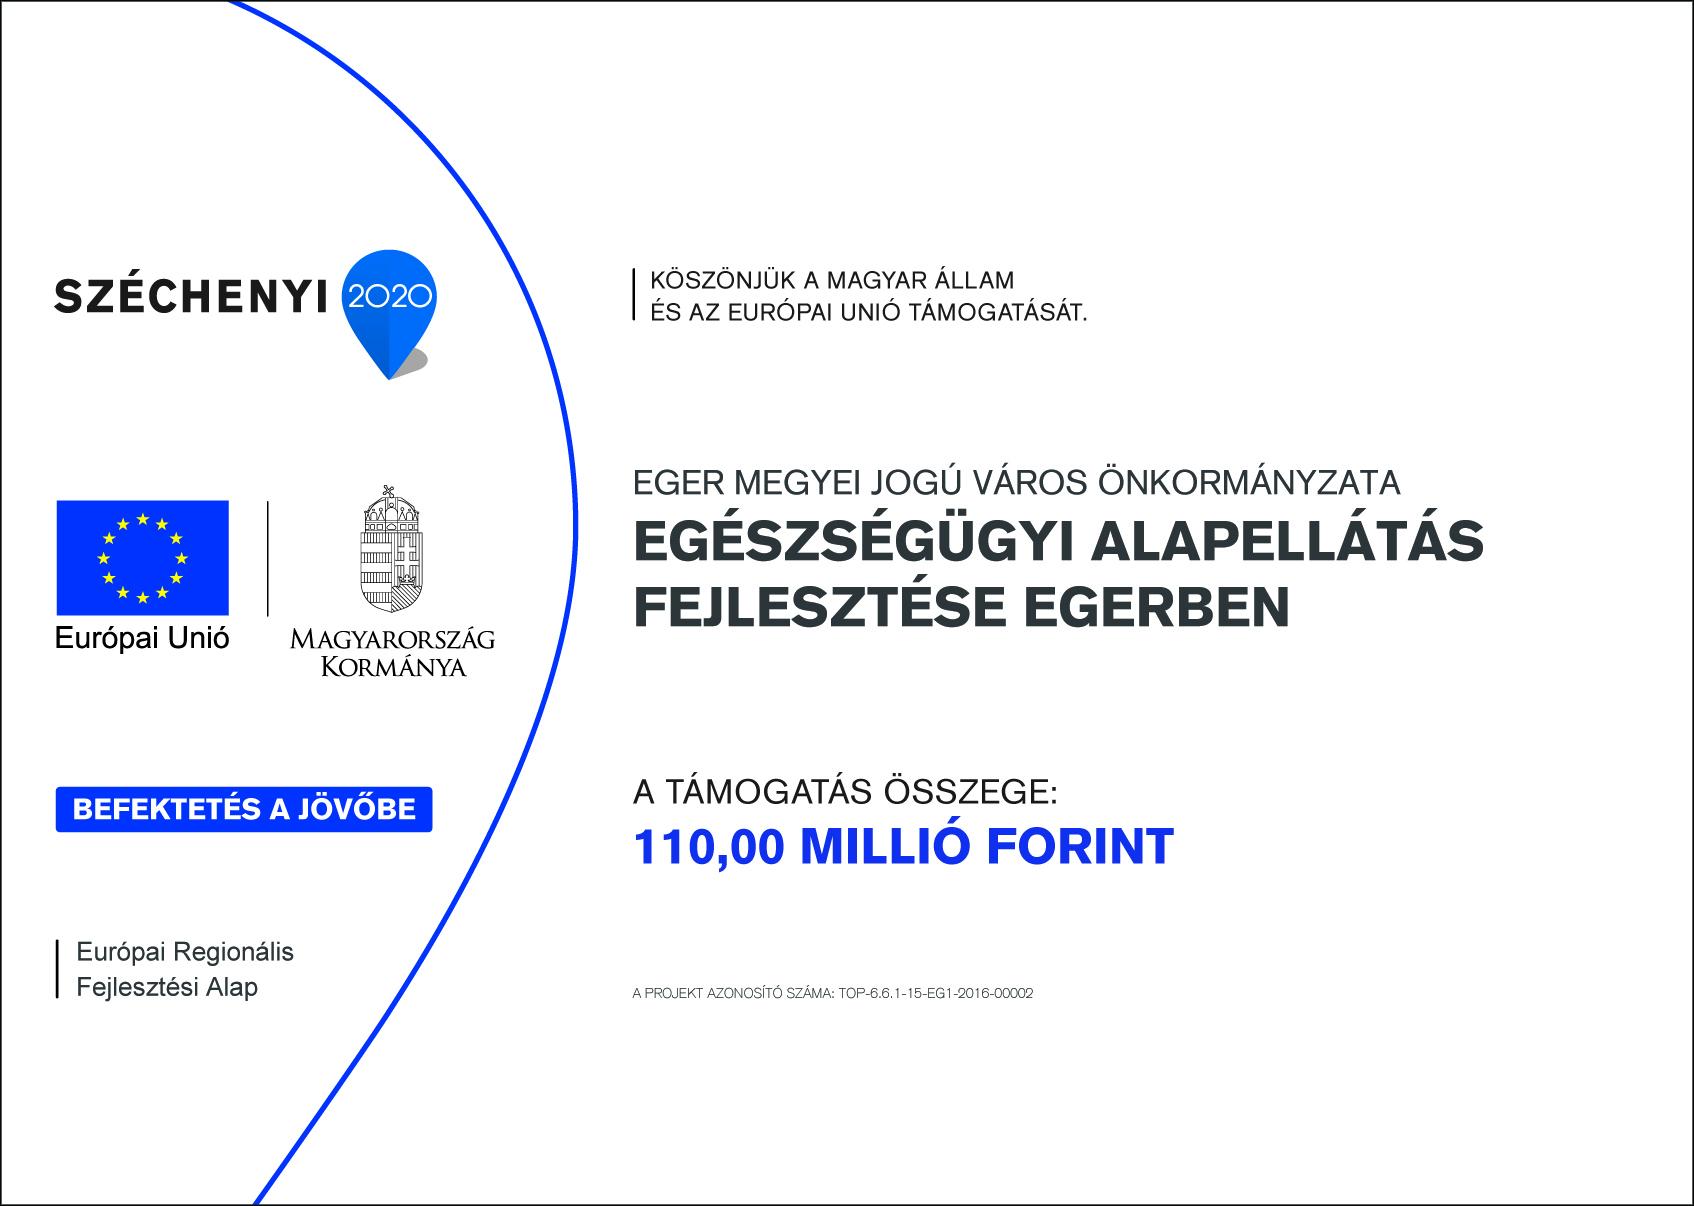 Egészségügyi alapellátás fejlesztése Egerben